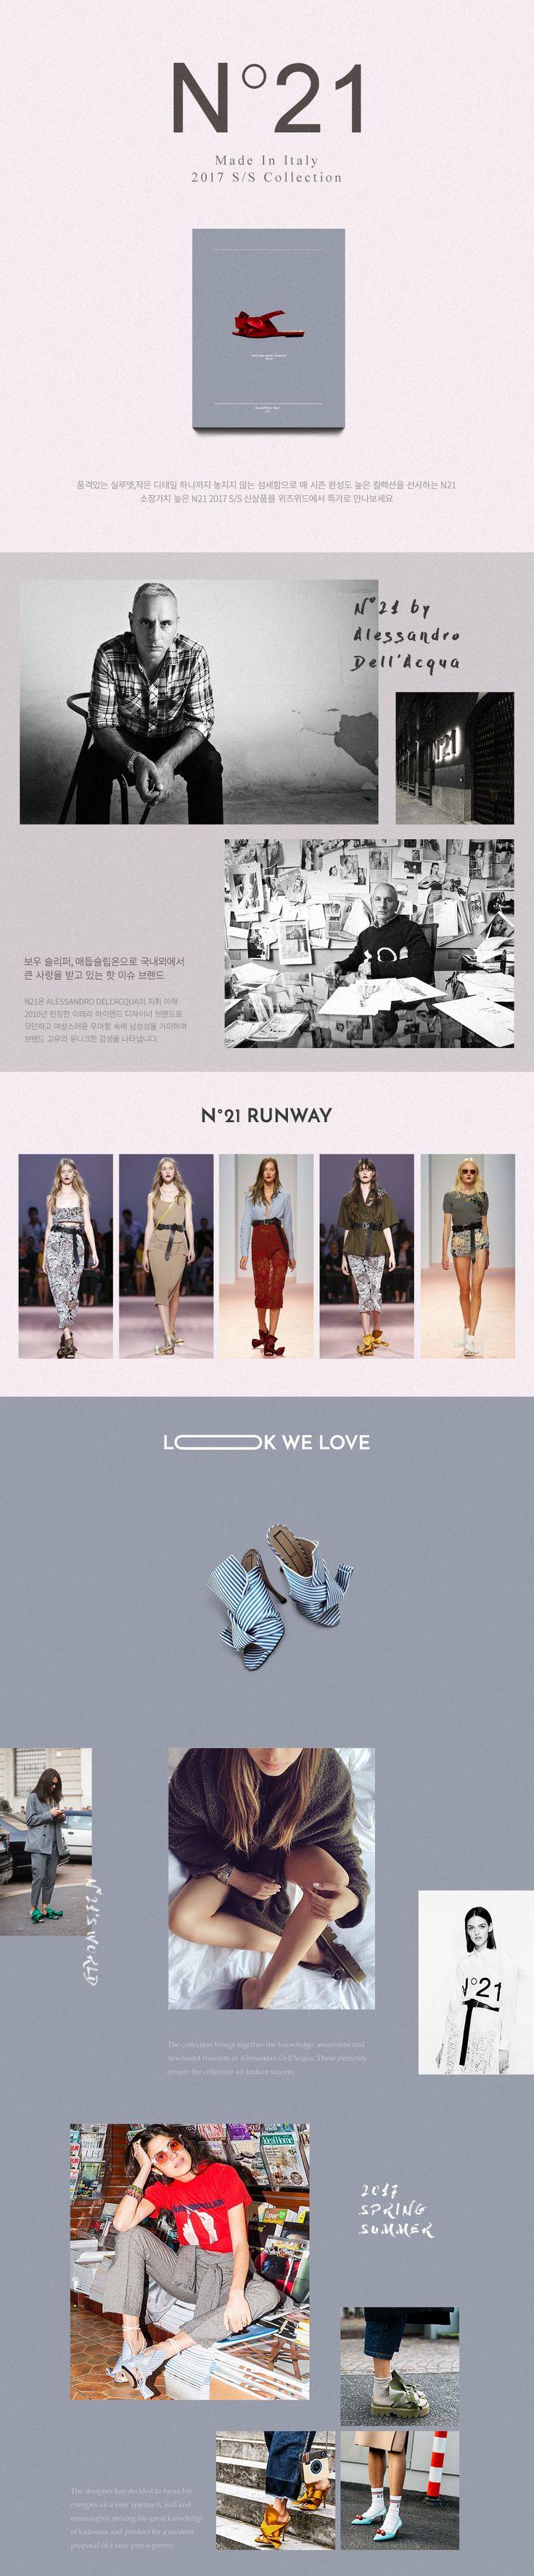 WIZWID:위즈위드 - 글로벌 쇼핑 네트워크 여성 의류 신발 우먼 패션 슈즈 기획전 N21 이태리 하이앤드 디자이너 브랜드 N21 S/S 신상 특가 입고